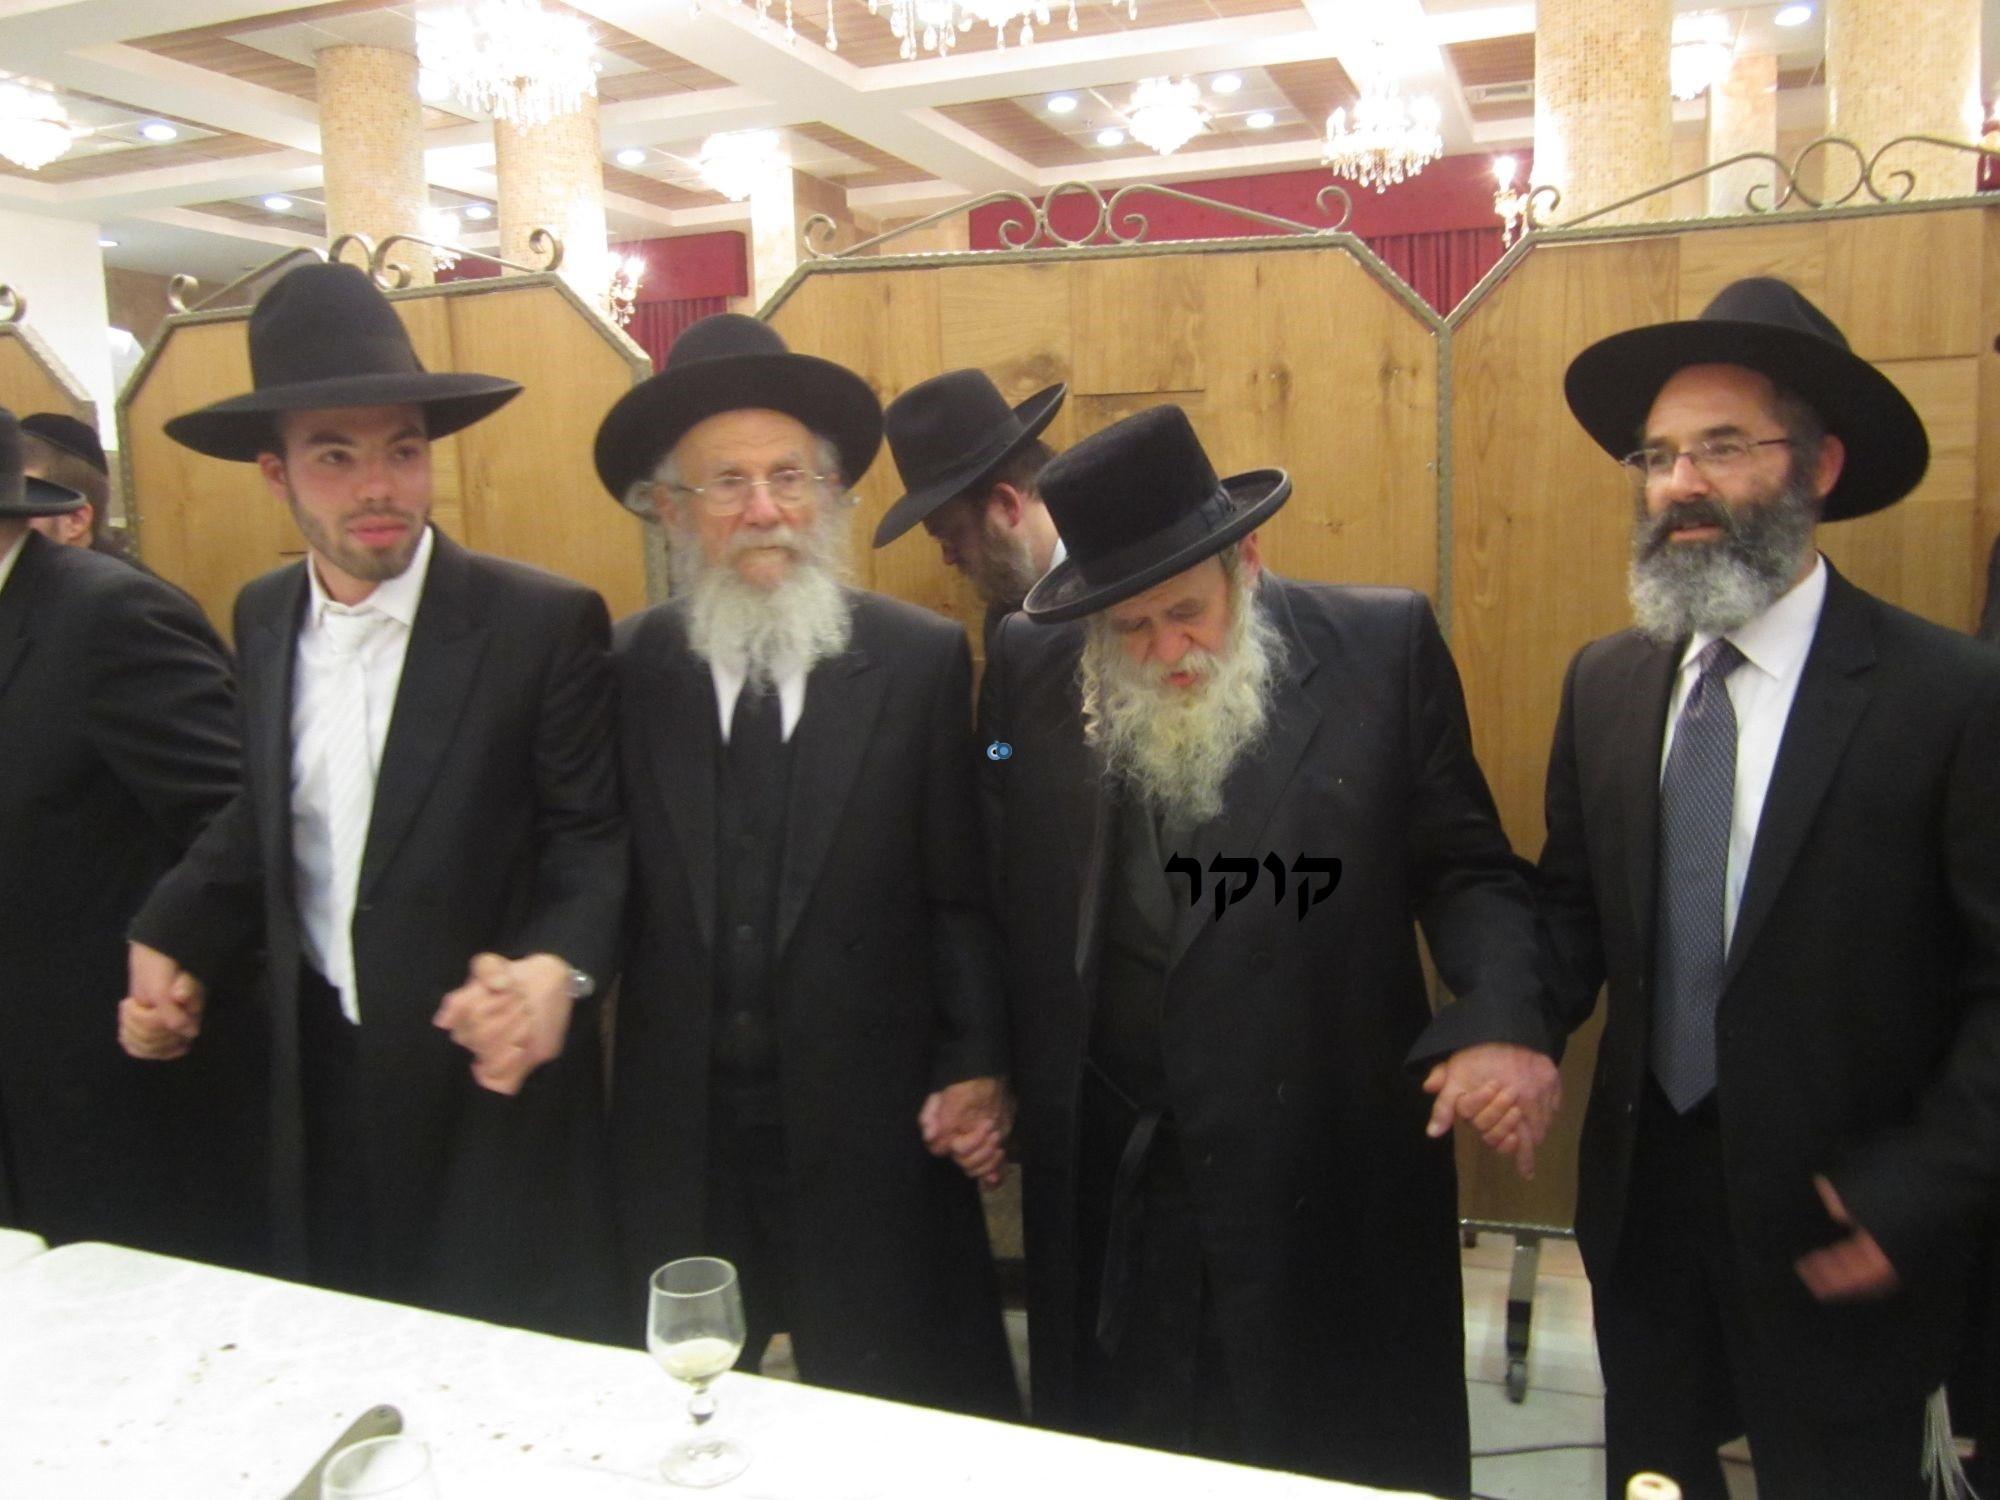 אדמו''ר מ טשערנוביל מטשערנוביל, חתונה, הרב יעקב אדלשטיין אדלשטין (8)